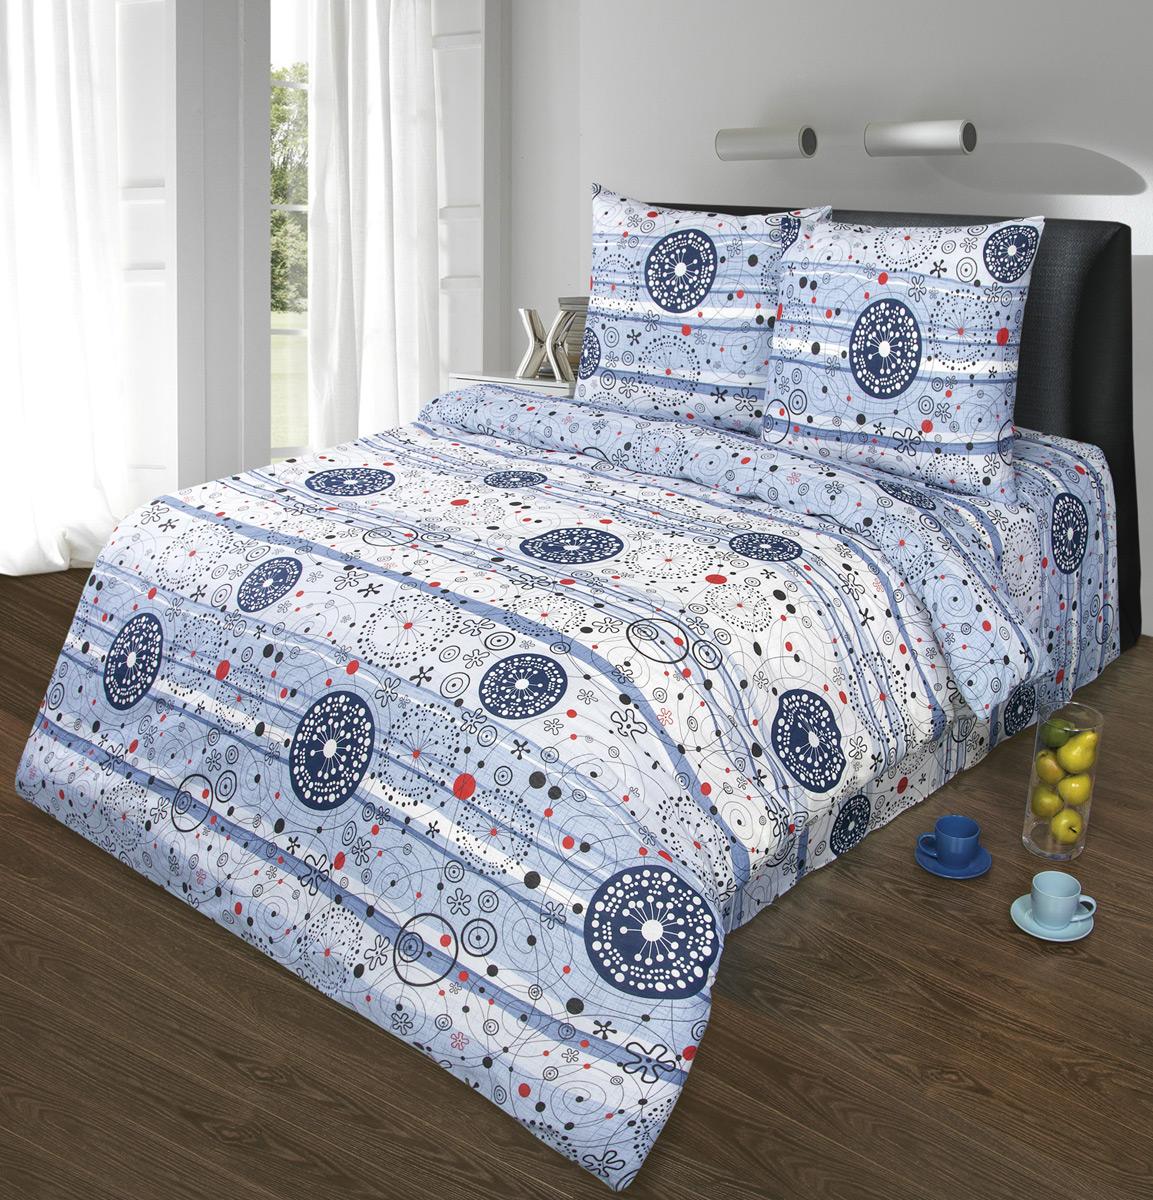 Комплект белья Шоколад Увертюра, 2-спальный с простыней евро, наволочки 70x70. Б109Б109Комплект постельного белья Шоколад Увертюра является экологически безопасным для всей семьи, так как выполнен из натурального хлопка. Комплект состоит из пододеяльника, простыни и двух наволочек. Постельное белье оформлено оригинальным рисунком и имеет изысканный внешний вид.Бязь - это ткань полотняного переплетения, изготовленная из экологически чистого и натурального 100% хлопка. Она прочная, мягкая, обладает низкой сминаемостью, легко стирается и хорошо гладится. Бязь прекрасно пропускает воздух и за ней легко ухаживать. При соблюдении рекомендуемых условий стирки, сушки и глажения ткань имеет усадку по ГОСТу, сохранятся яркость текстильных рисунков. Приобретая комплект постельного белья Шоколад Увертюра , вы можете быть уверены в том, что покупка доставит вам и вашим близким удовольствие и подарит максимальный комфорт.